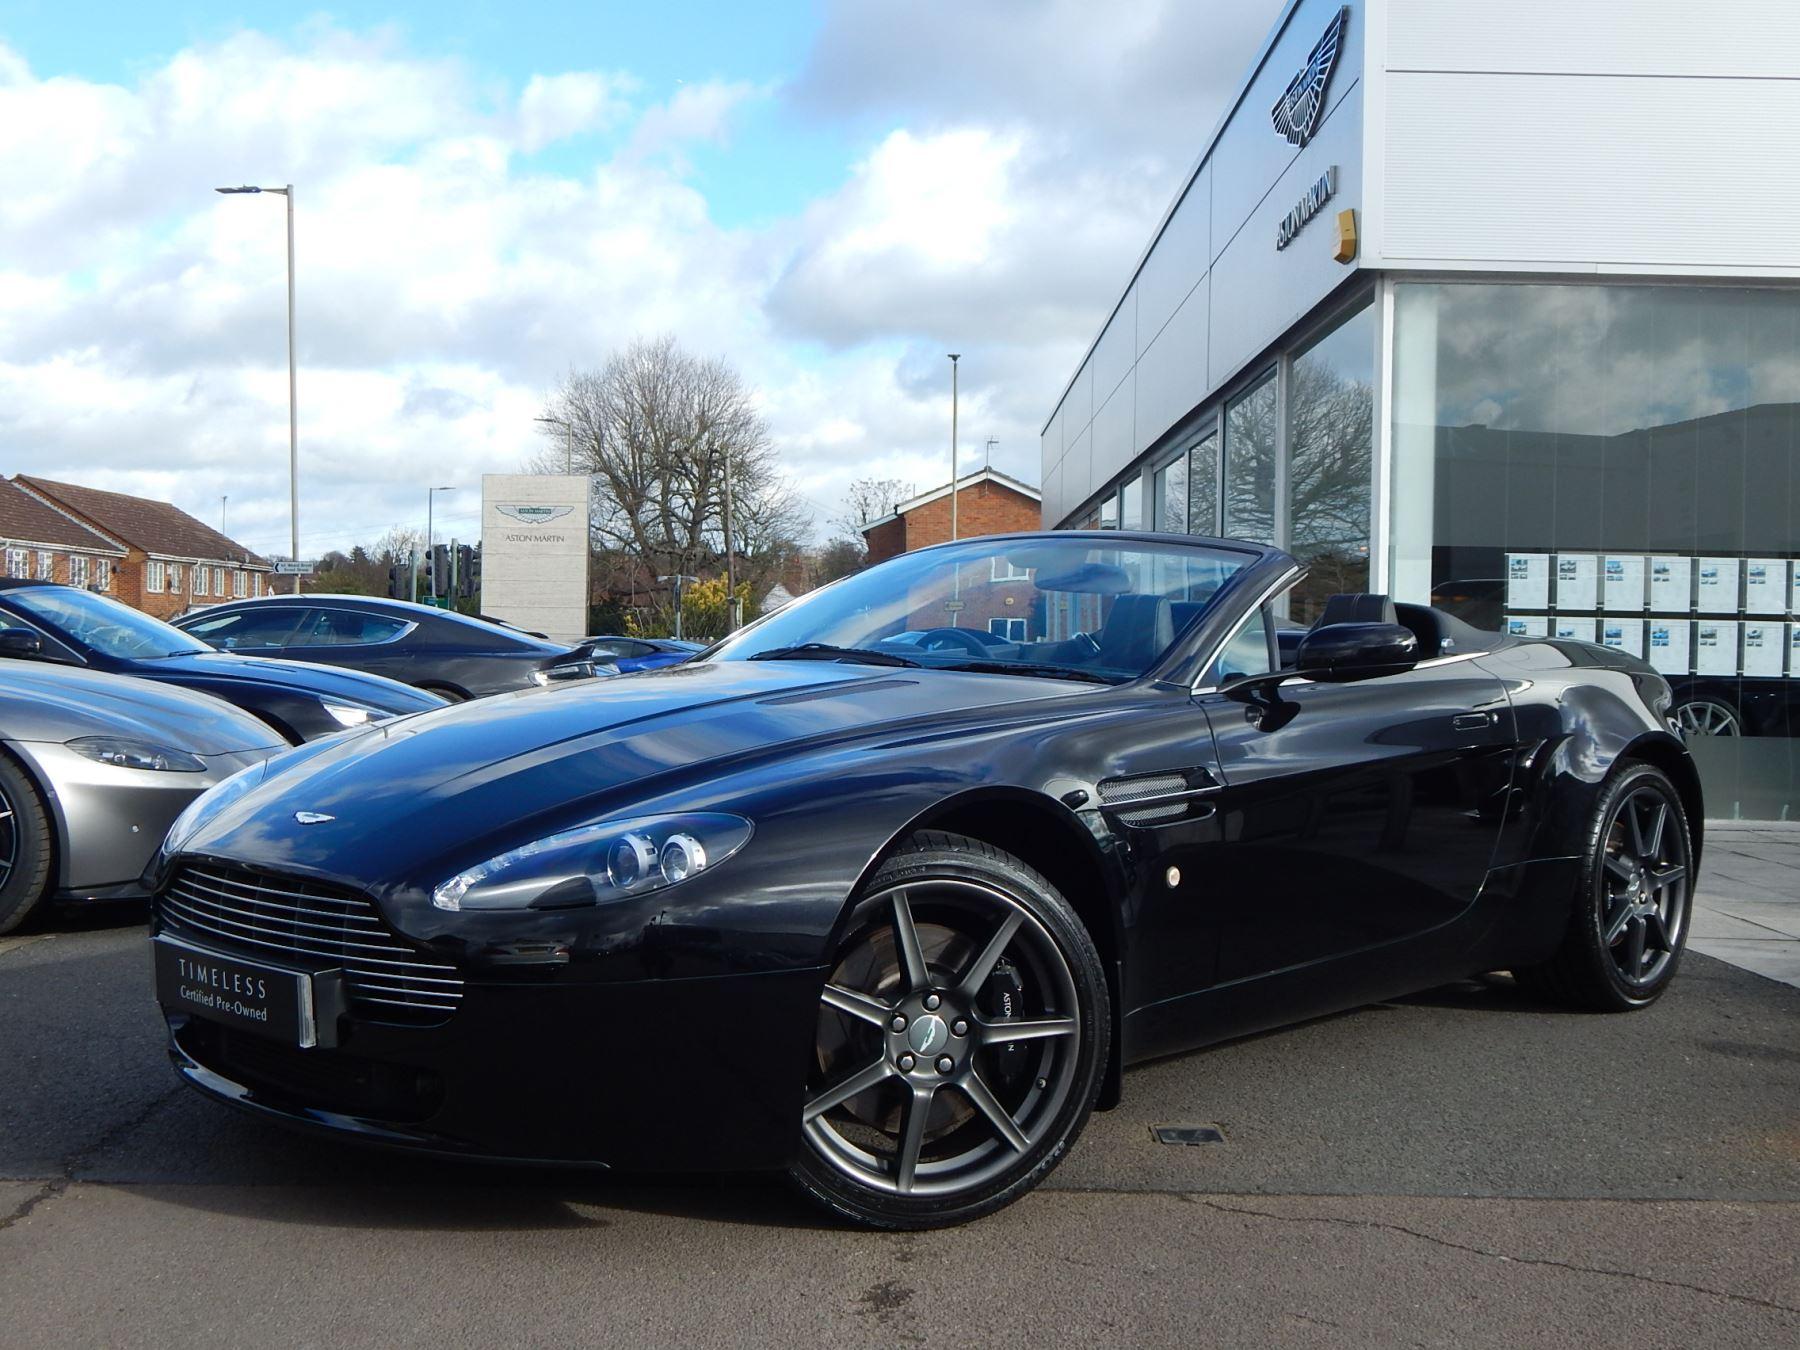 Aston Martin V8 Vantage Roadster 4.3 V8 Roadster image 1